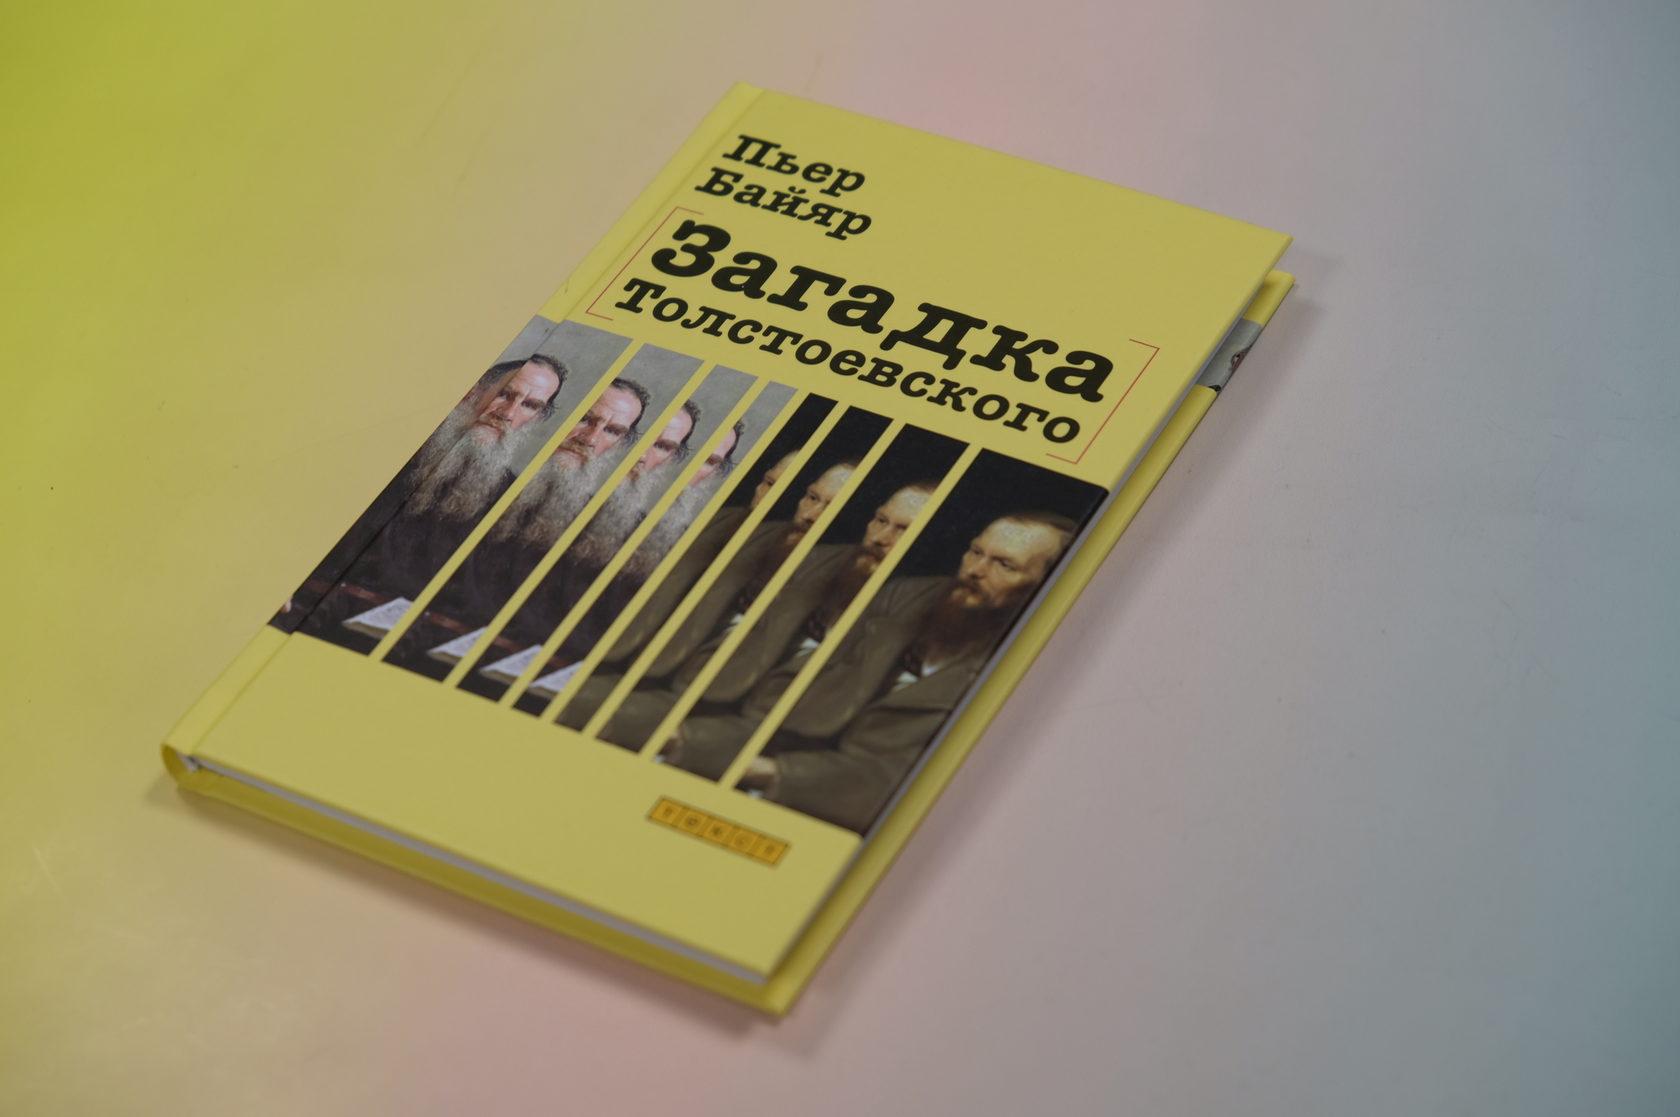 Купить книгу Пьер Байяр «Загадка Толстоевского»